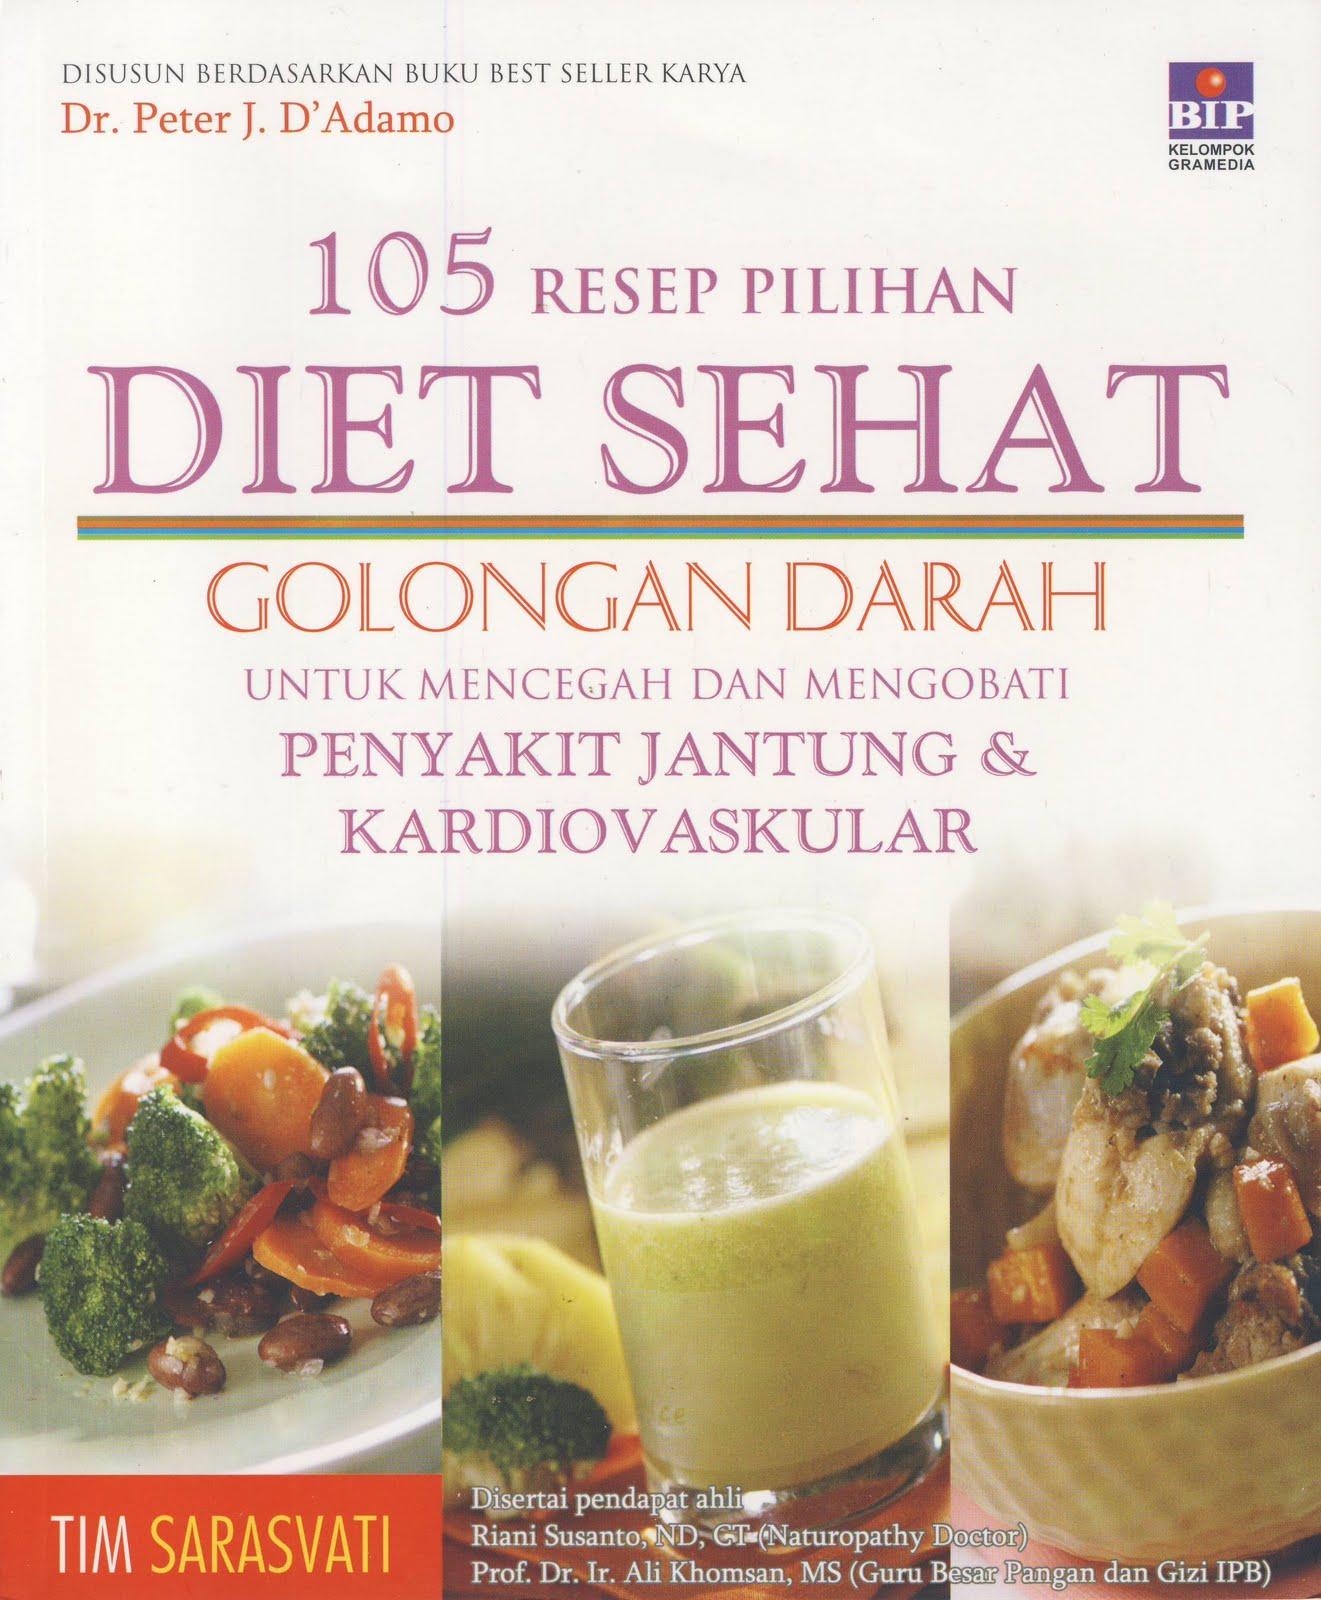 Makanan Untuk Diet Sesuai Golongan Darah